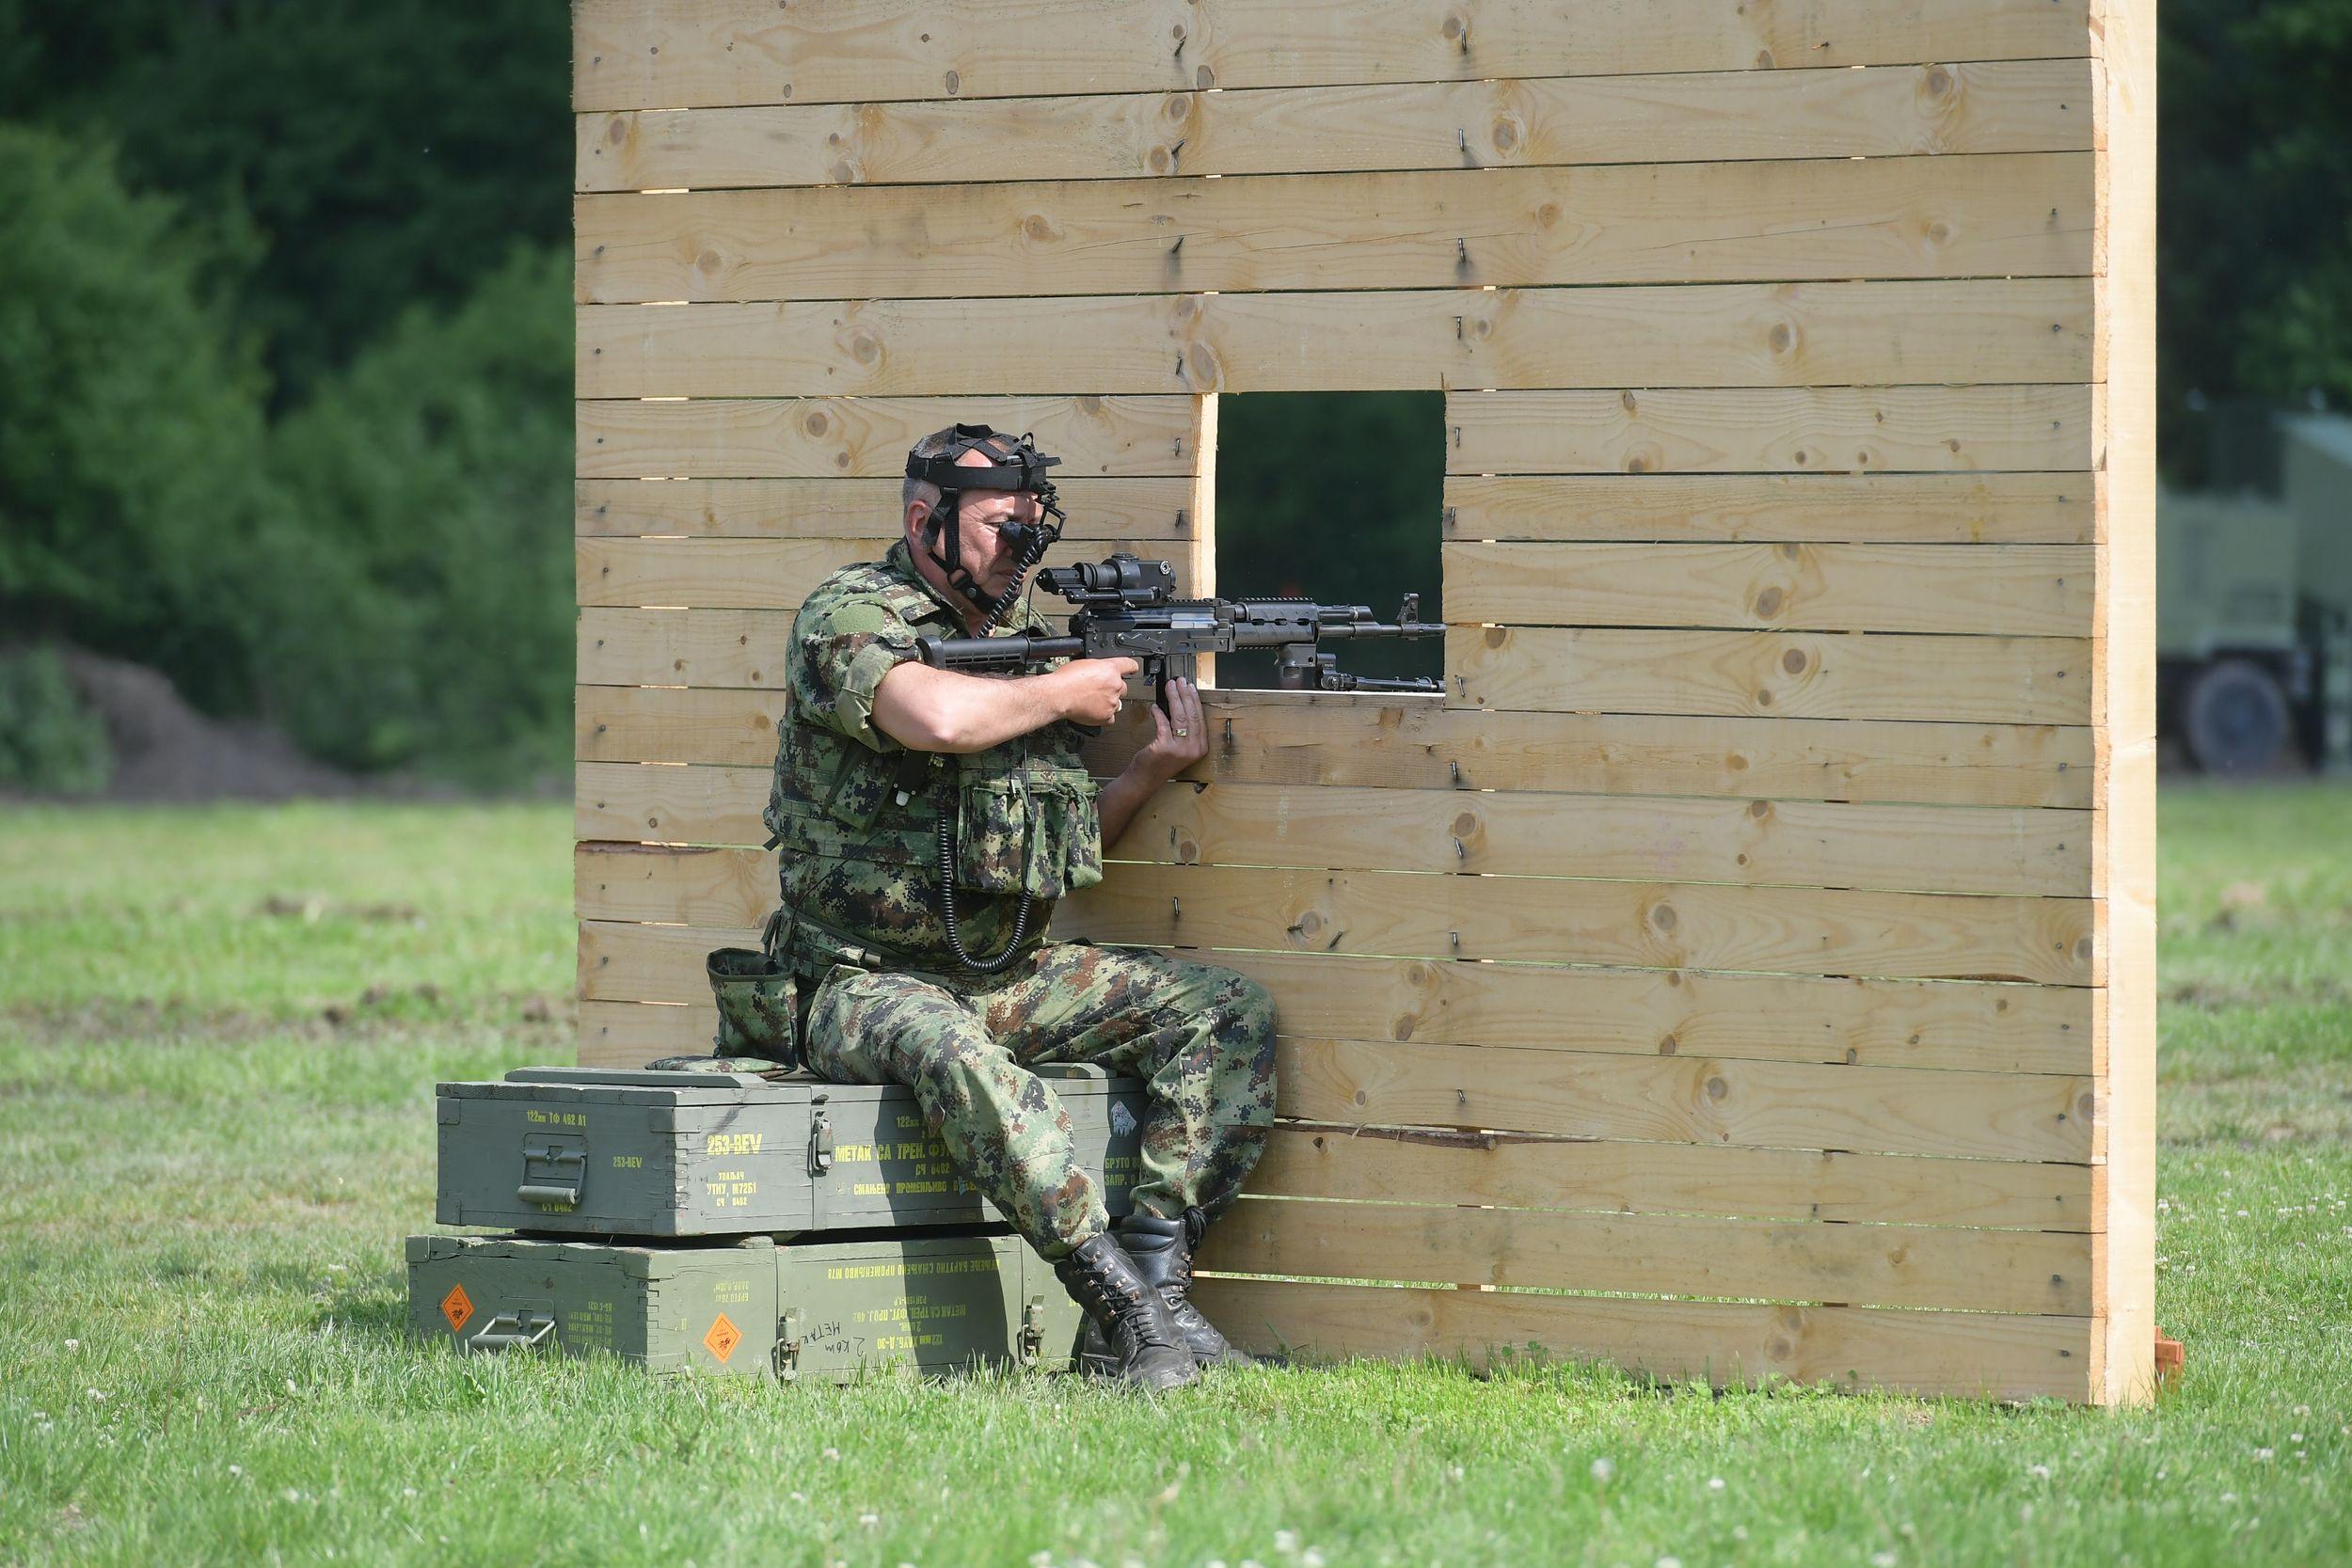 Застава оружје - производи (М70, М72, М77, М92, М21, CZ99, M57...)  - Page 35 Jov_8370_1_1494088515